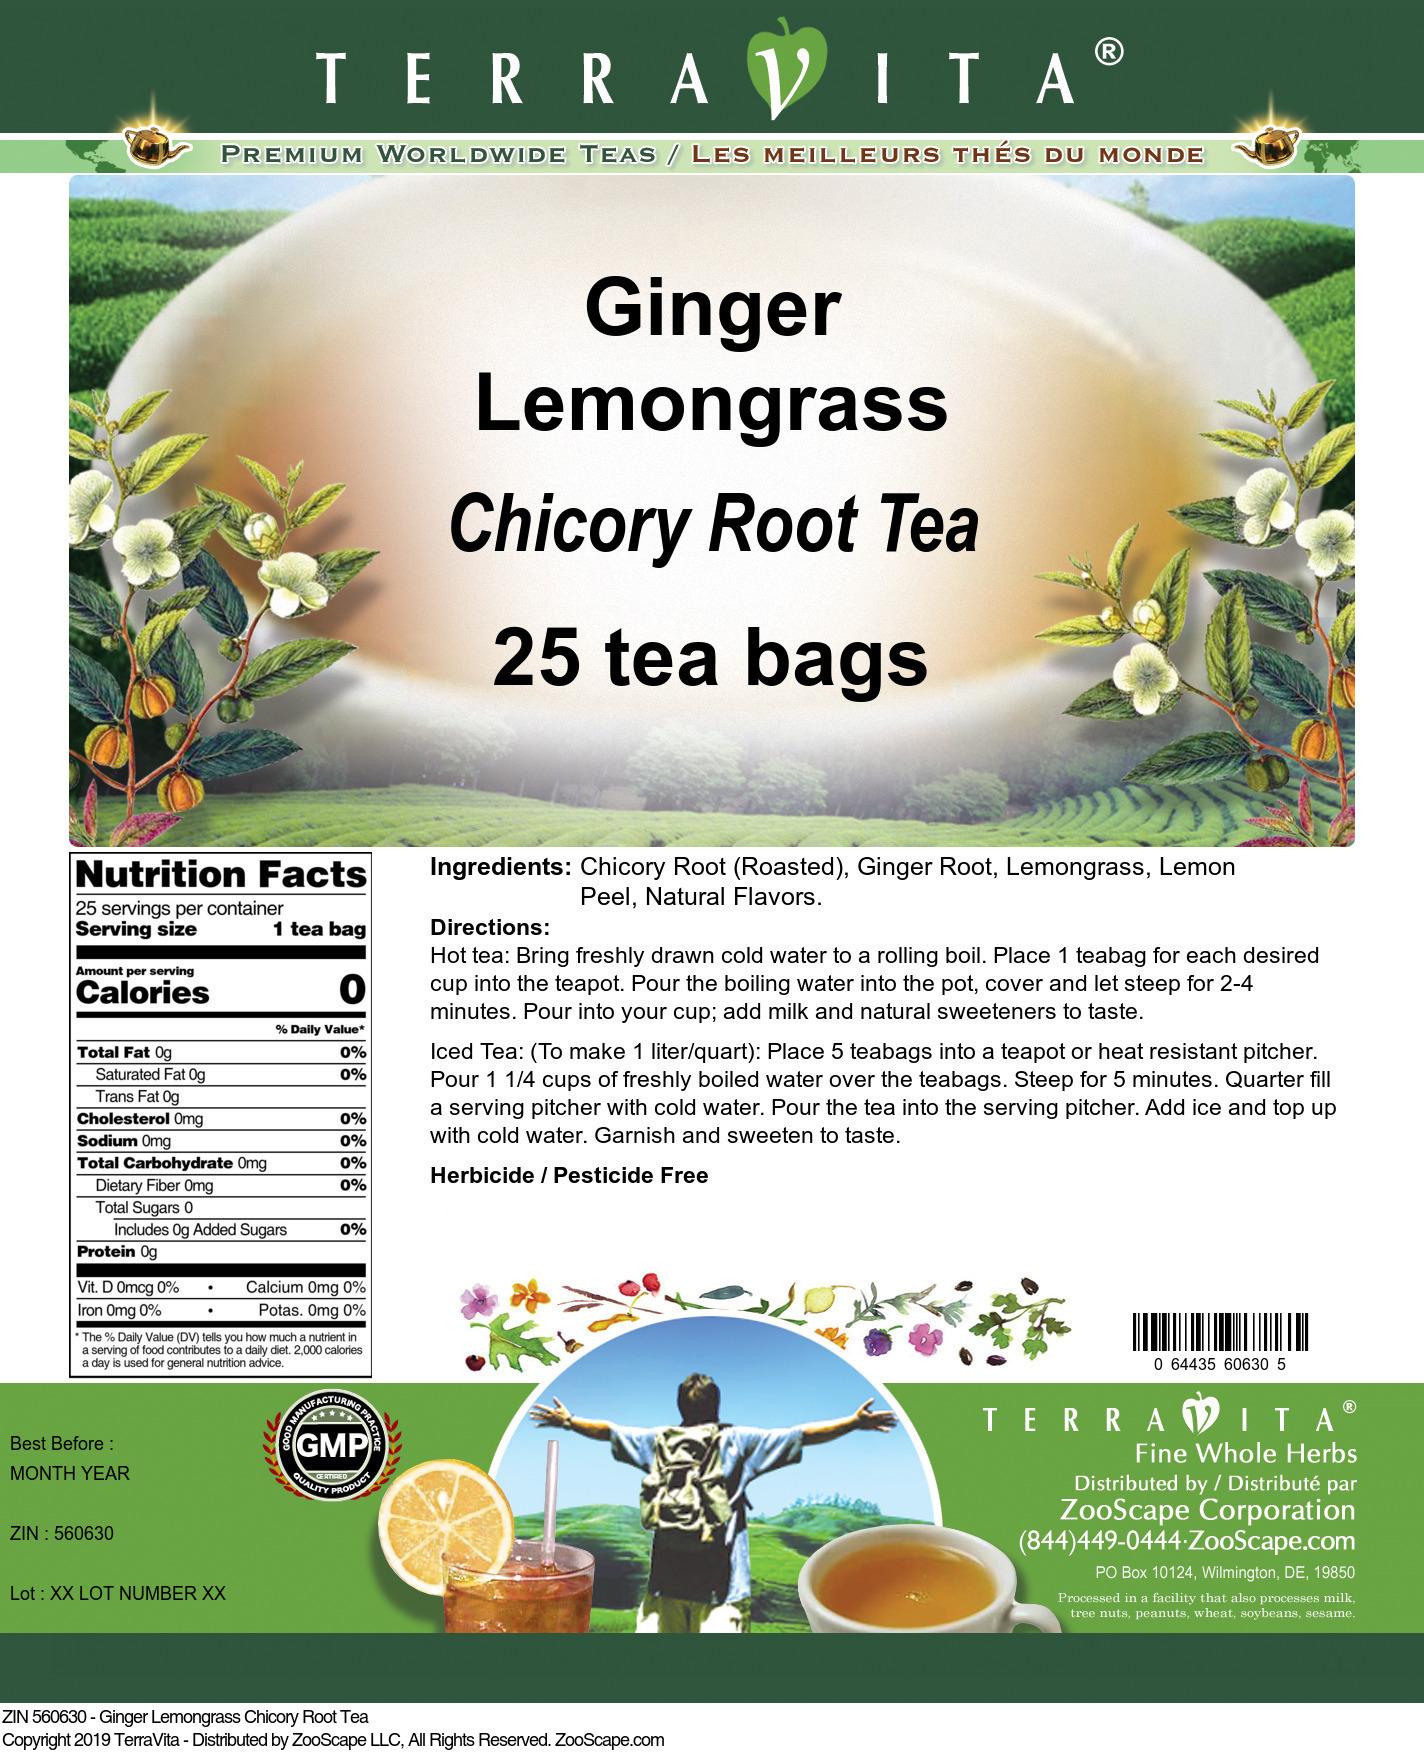 Ginger Lemongrass Chicory Root Tea